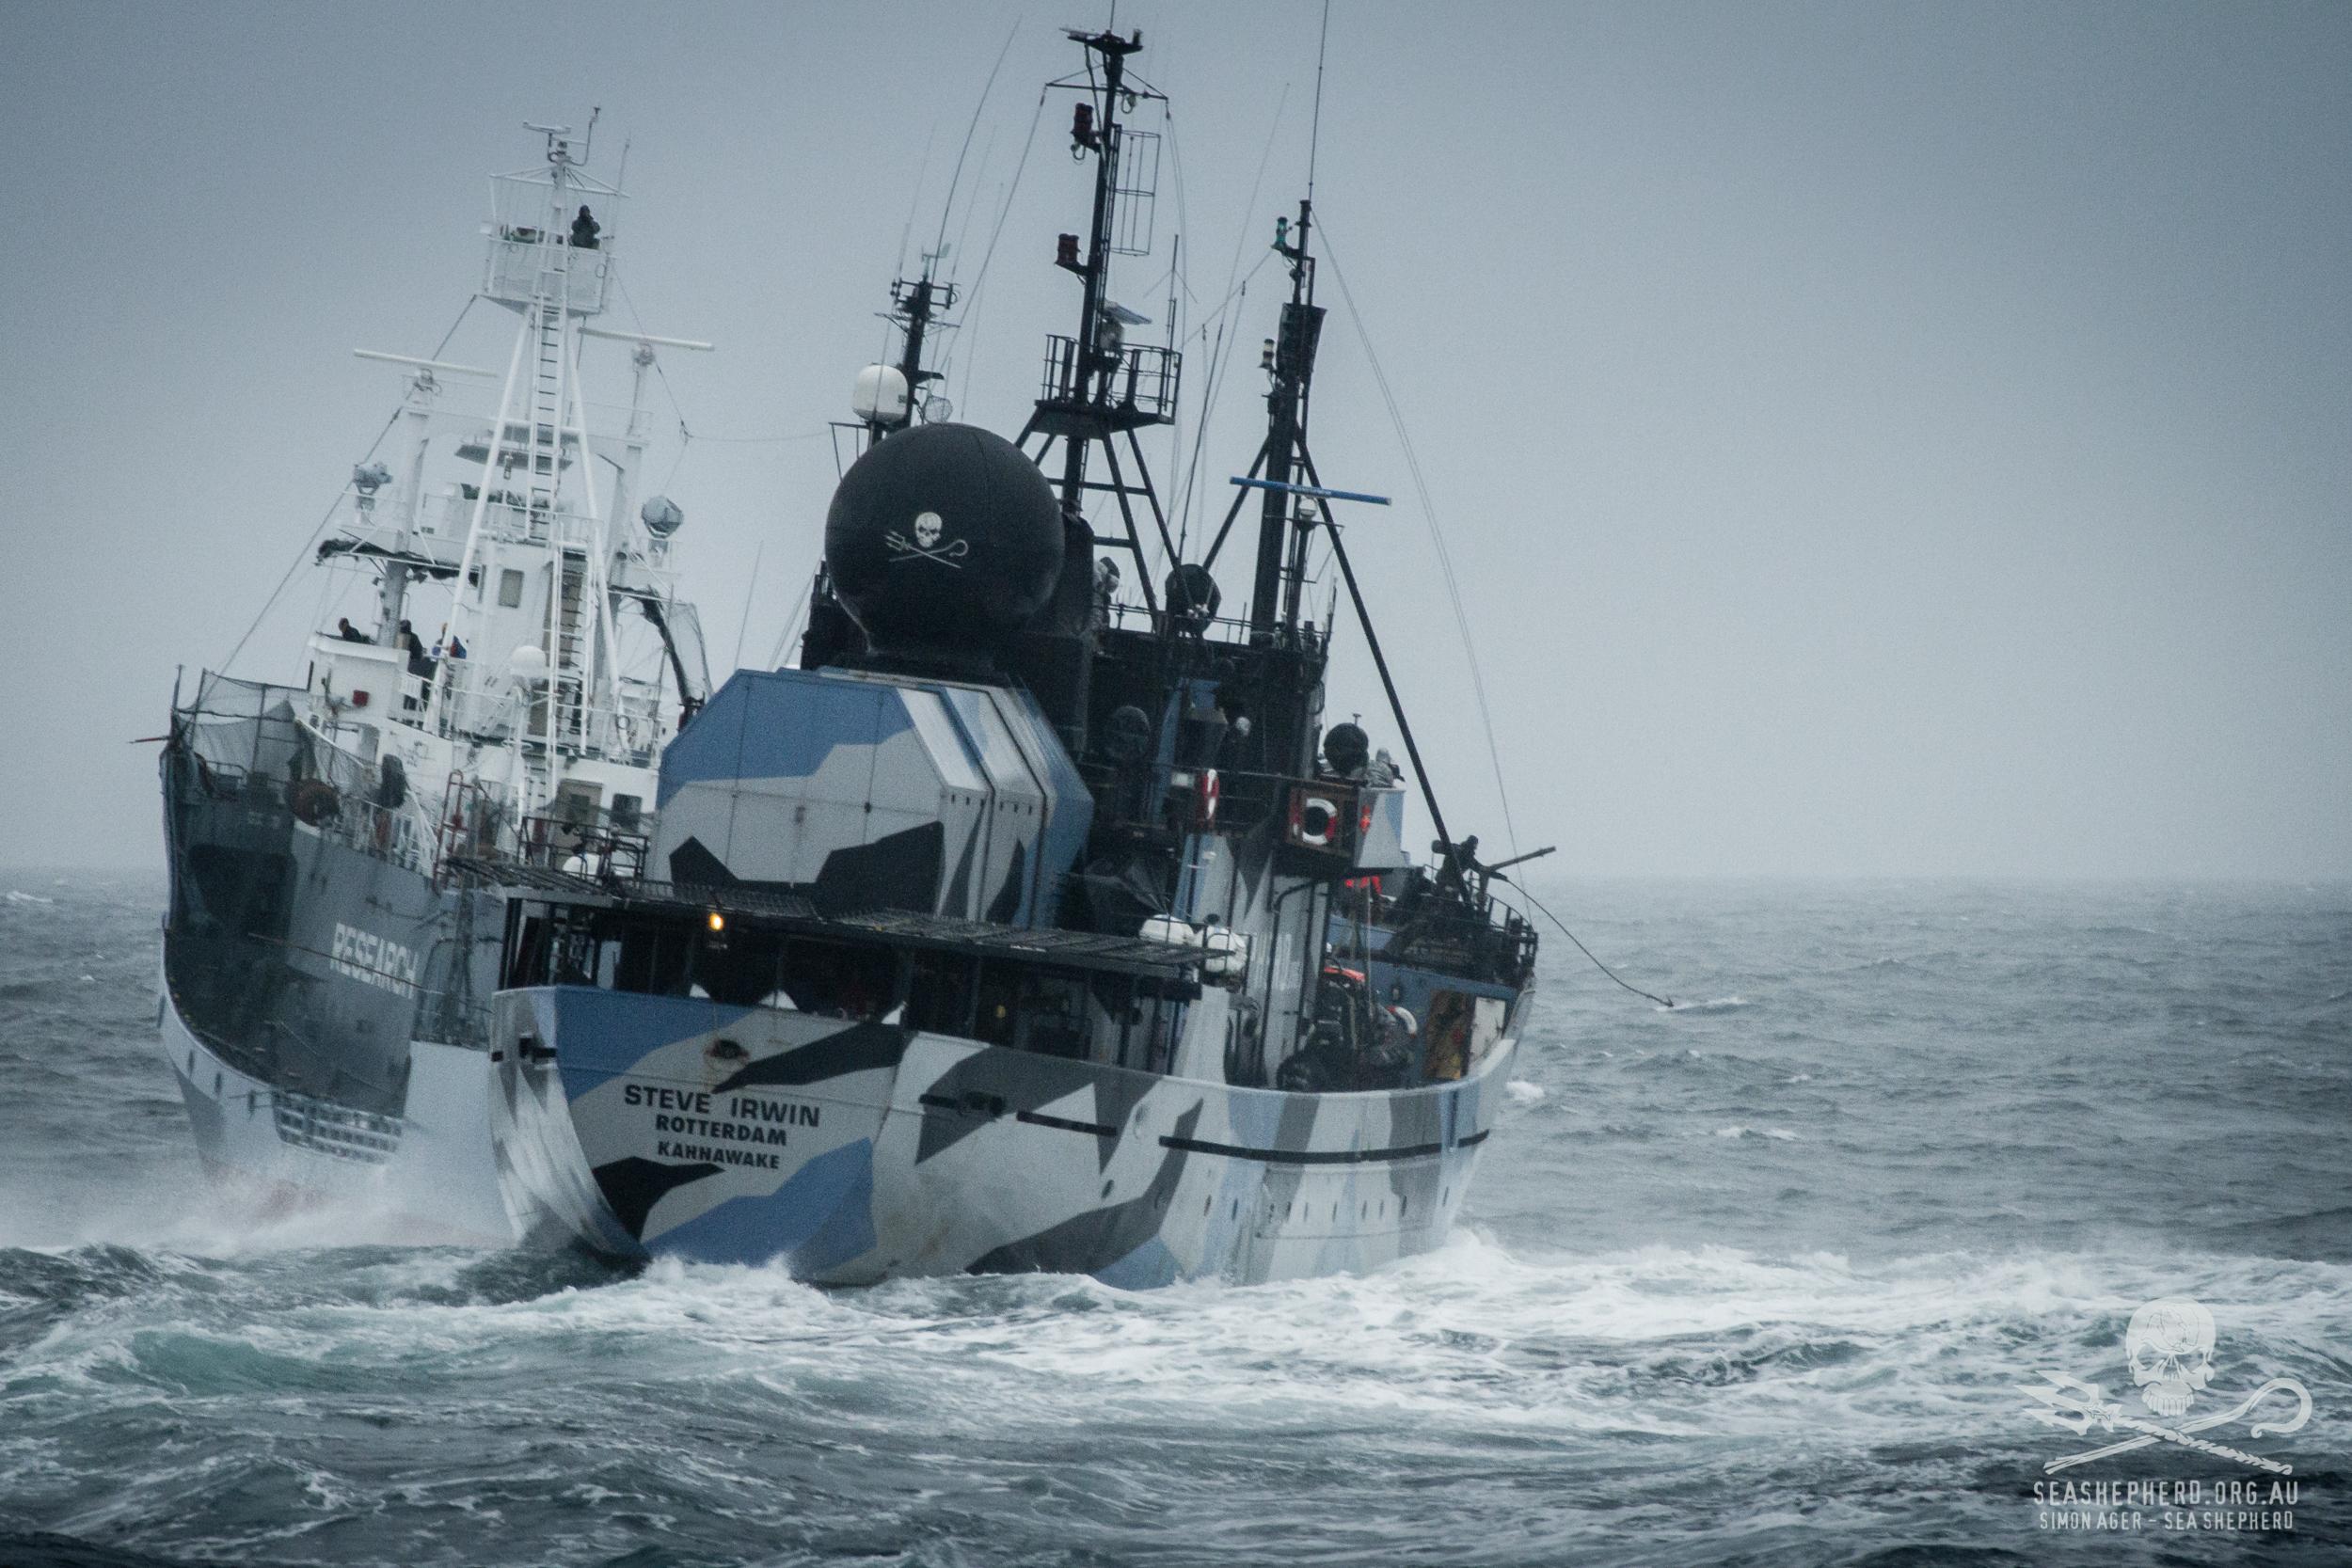 140202-SA-Yushin-Maru-harpoon-vessels-attack-prop-foul-Steve-Irwin-Bob-Barker-IM